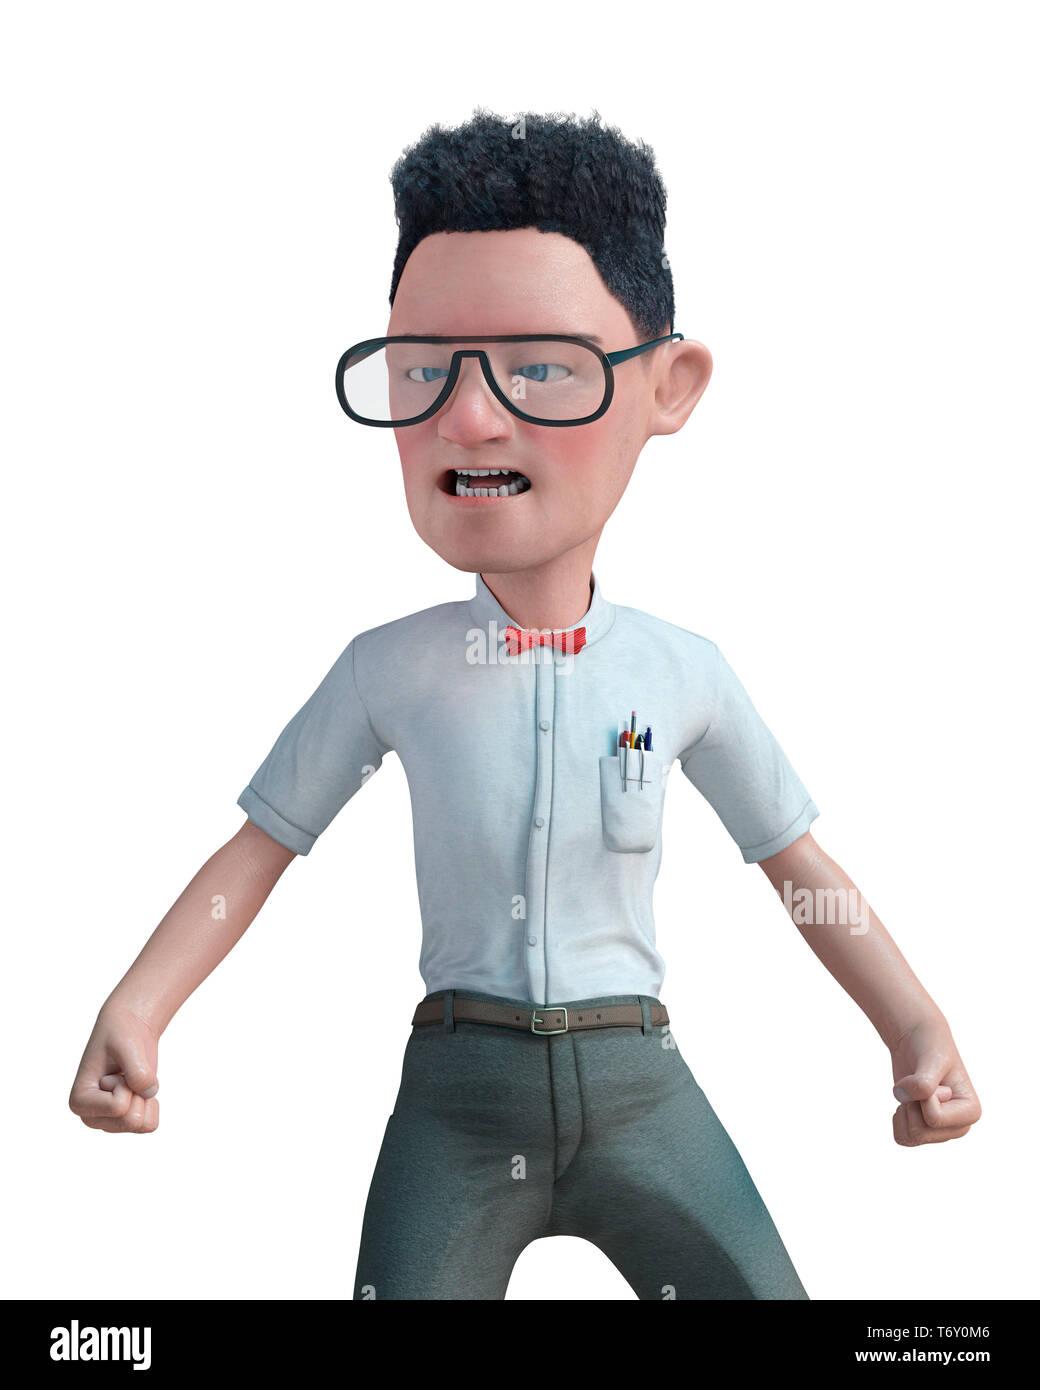 Este es un gracioso geek, nerd o simplemente un chico normal de dibujos animados. Este chico va a poner algo de diversión en creaciones tuyas Foto de stock